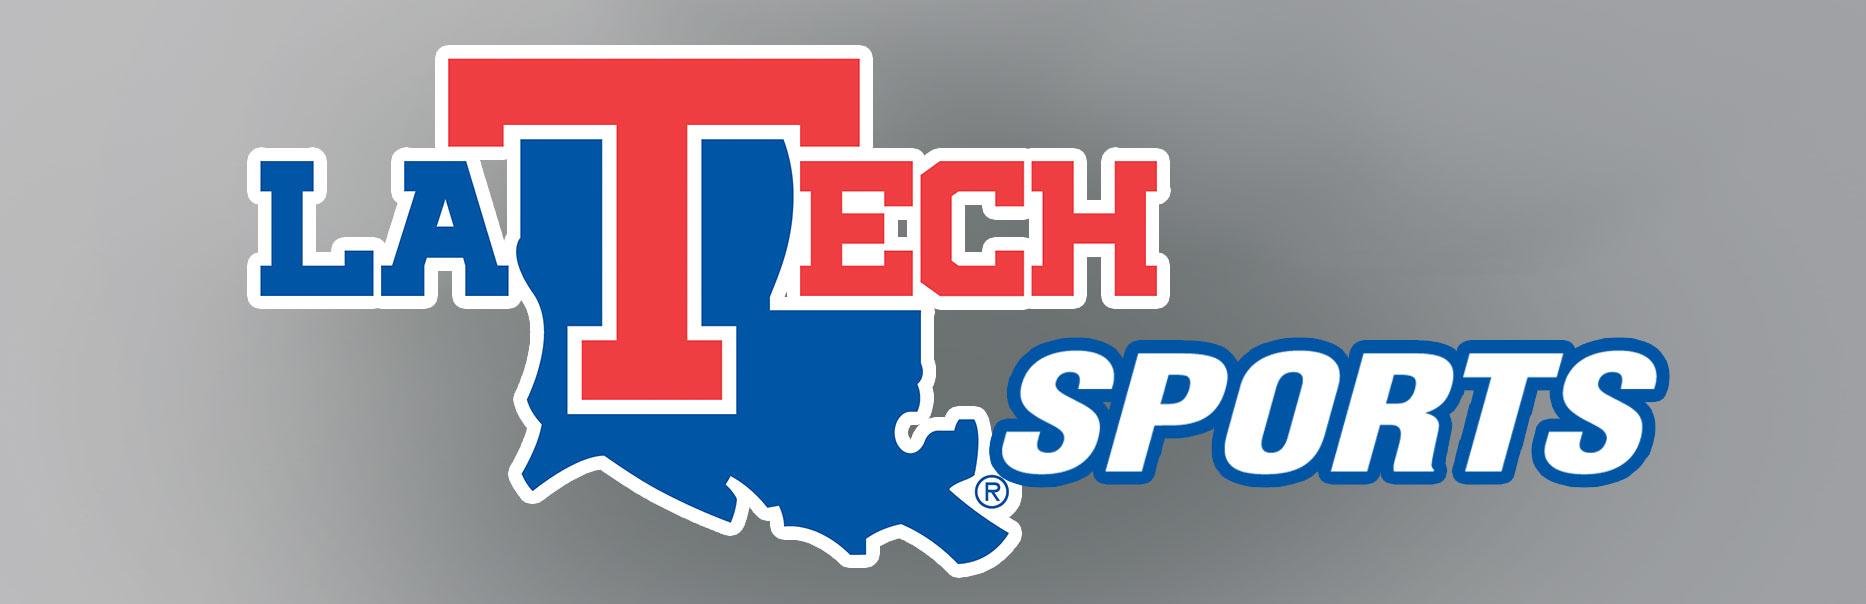 LaTech_Sports